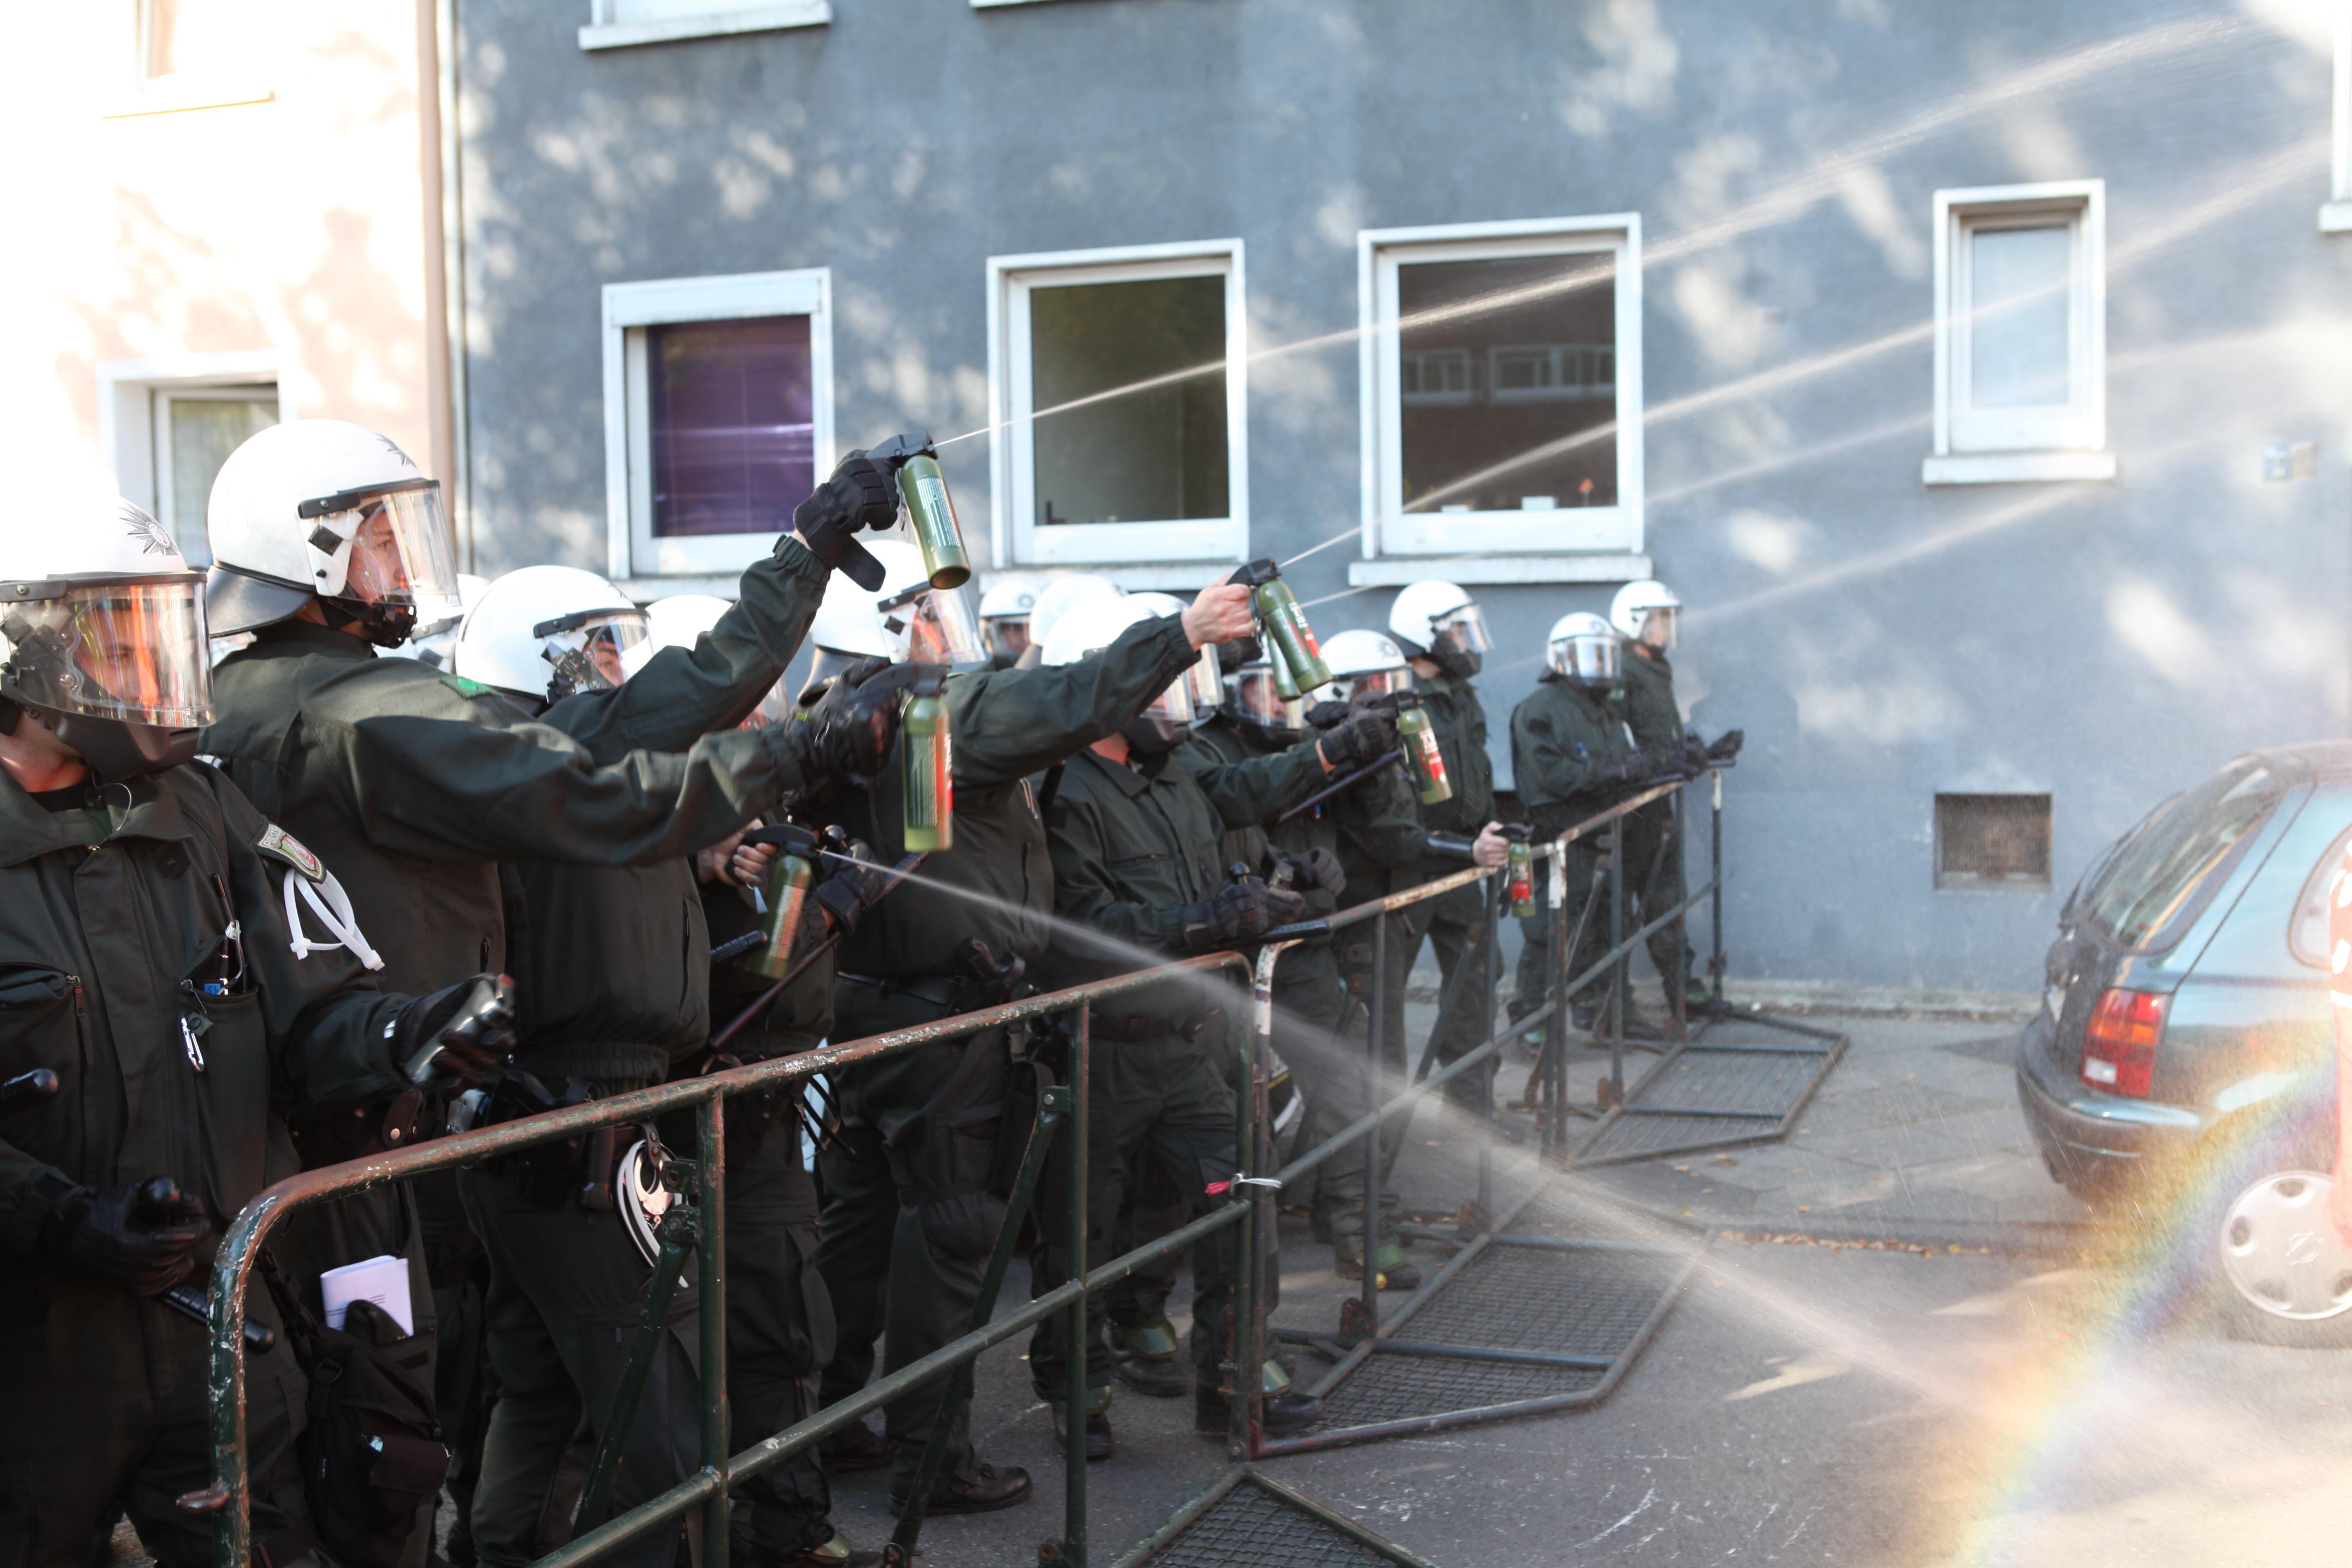 polizei setzte massiv pfefferspray ein